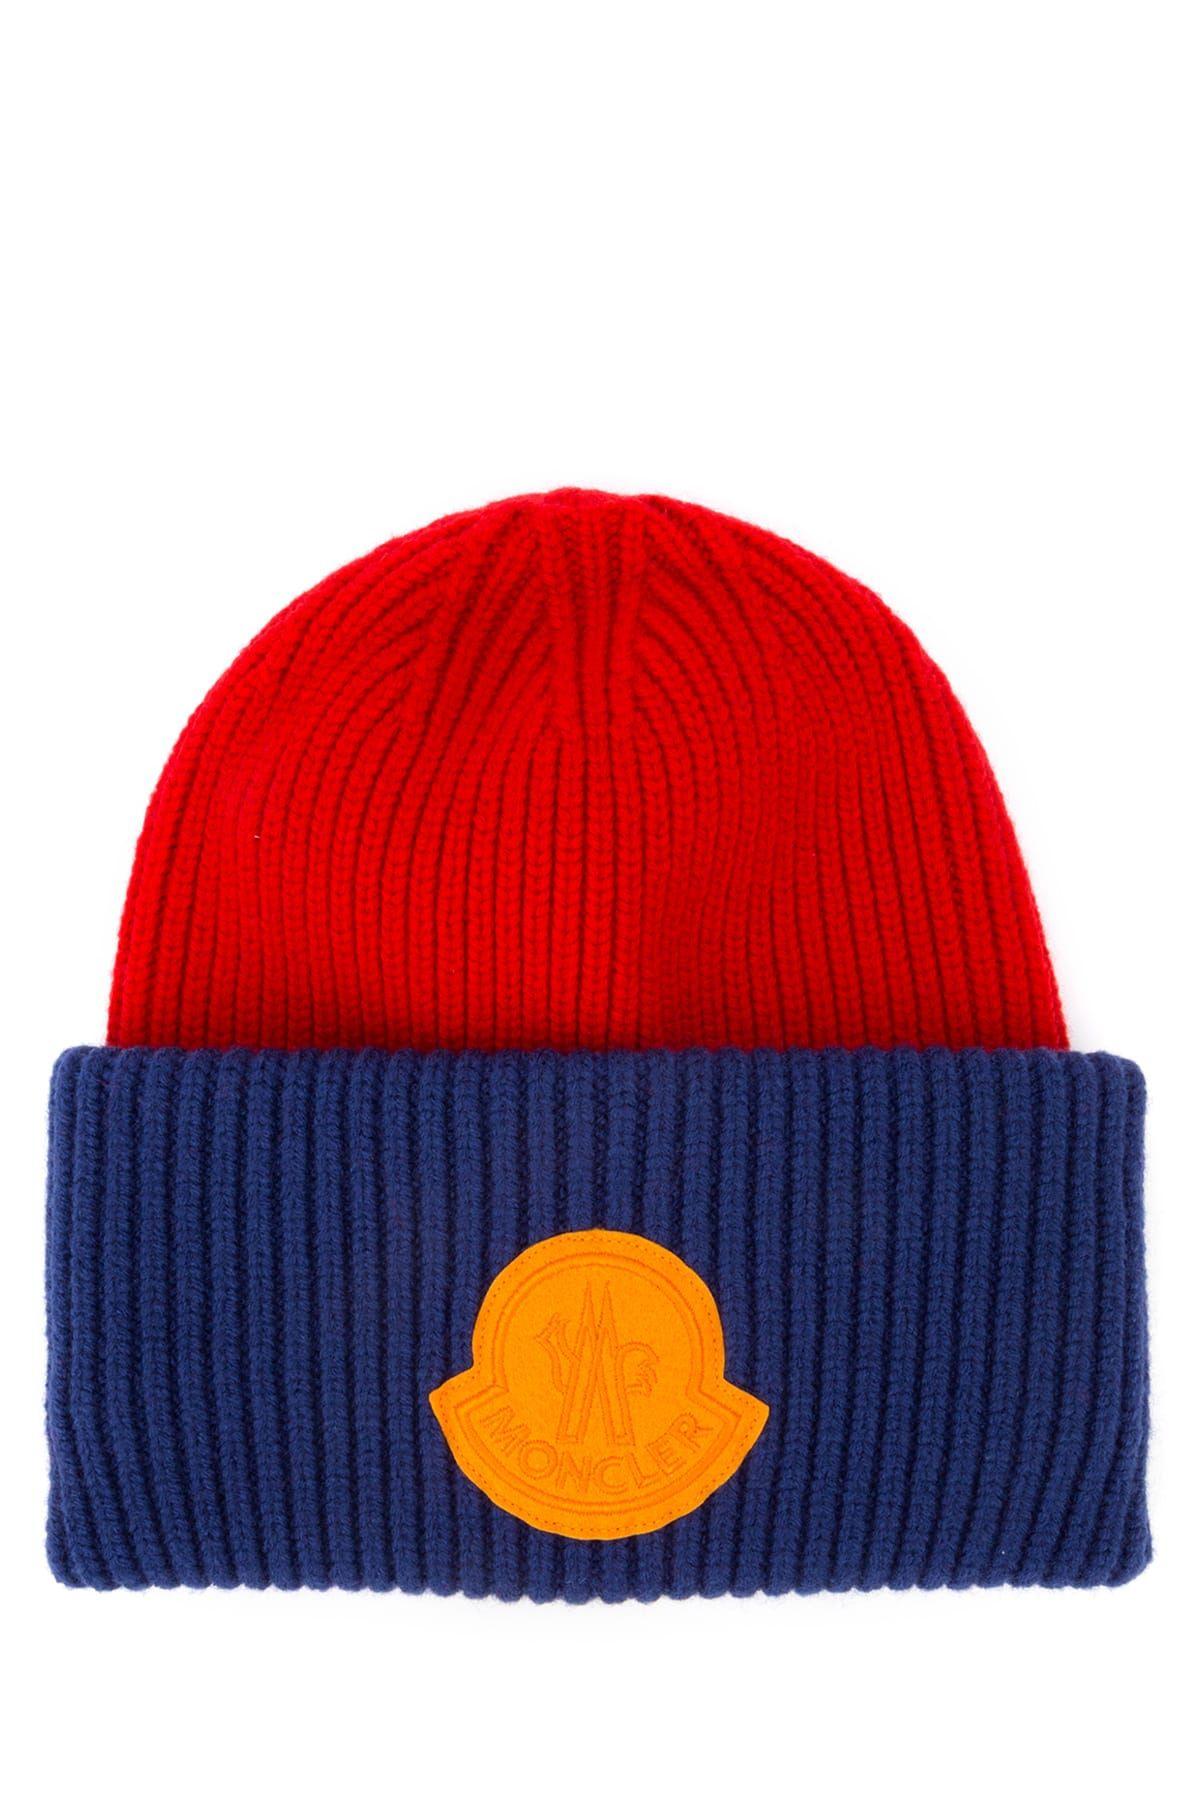 6f72ce84297 MONCLER GENIUS Moncler 1952套头帽.  monclergenius